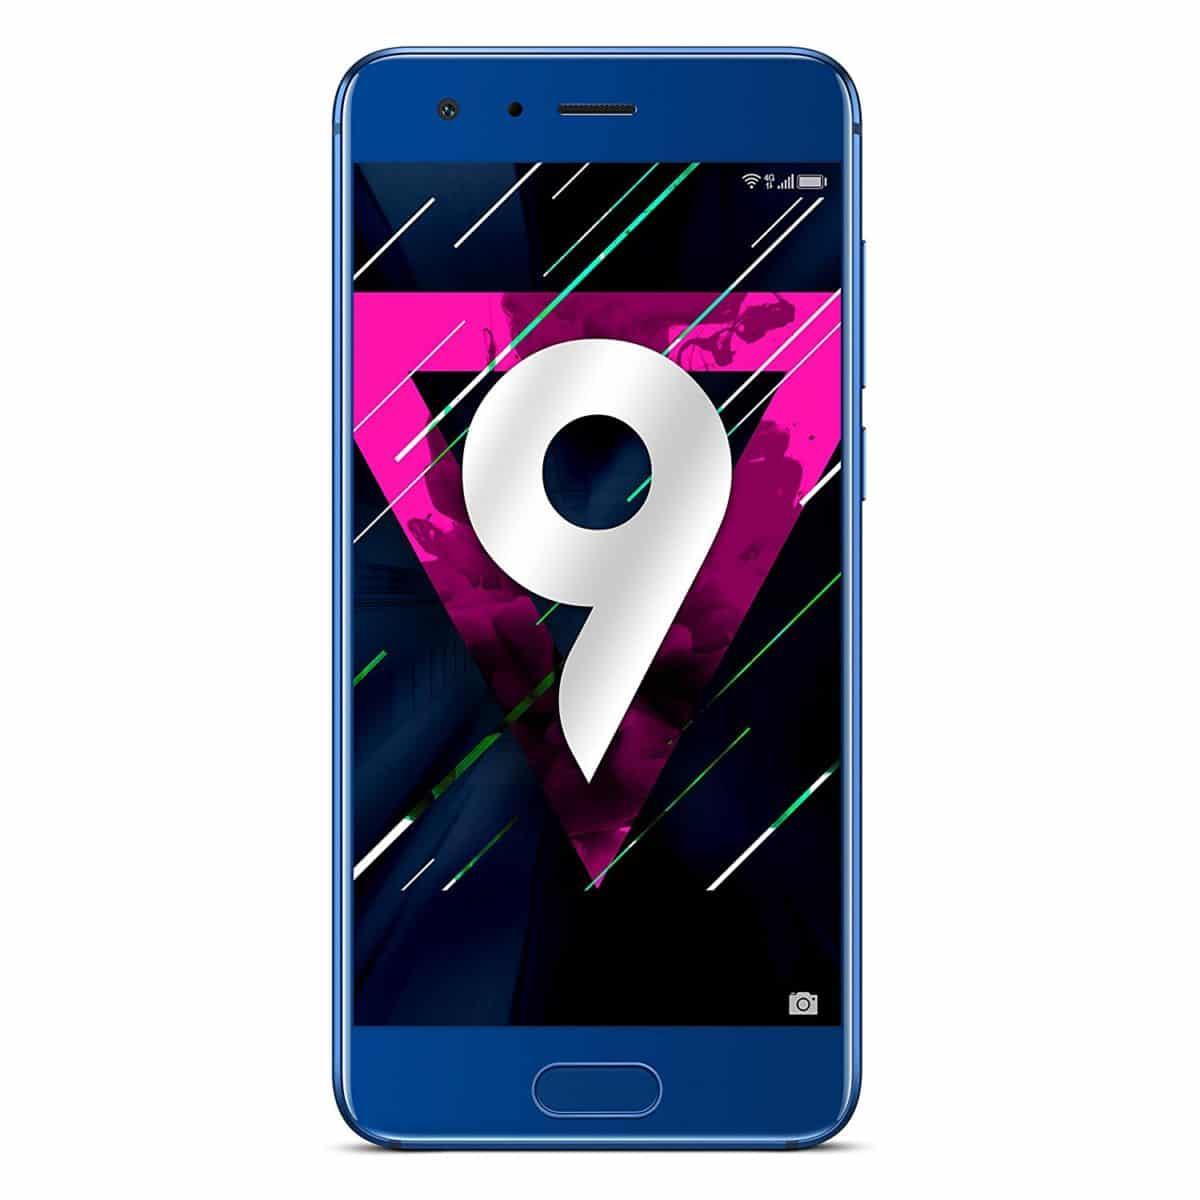 [BEENDET] Gewinne exklusiv auf AndroidKosmos.de das neue Honor 9 Smartphone 18